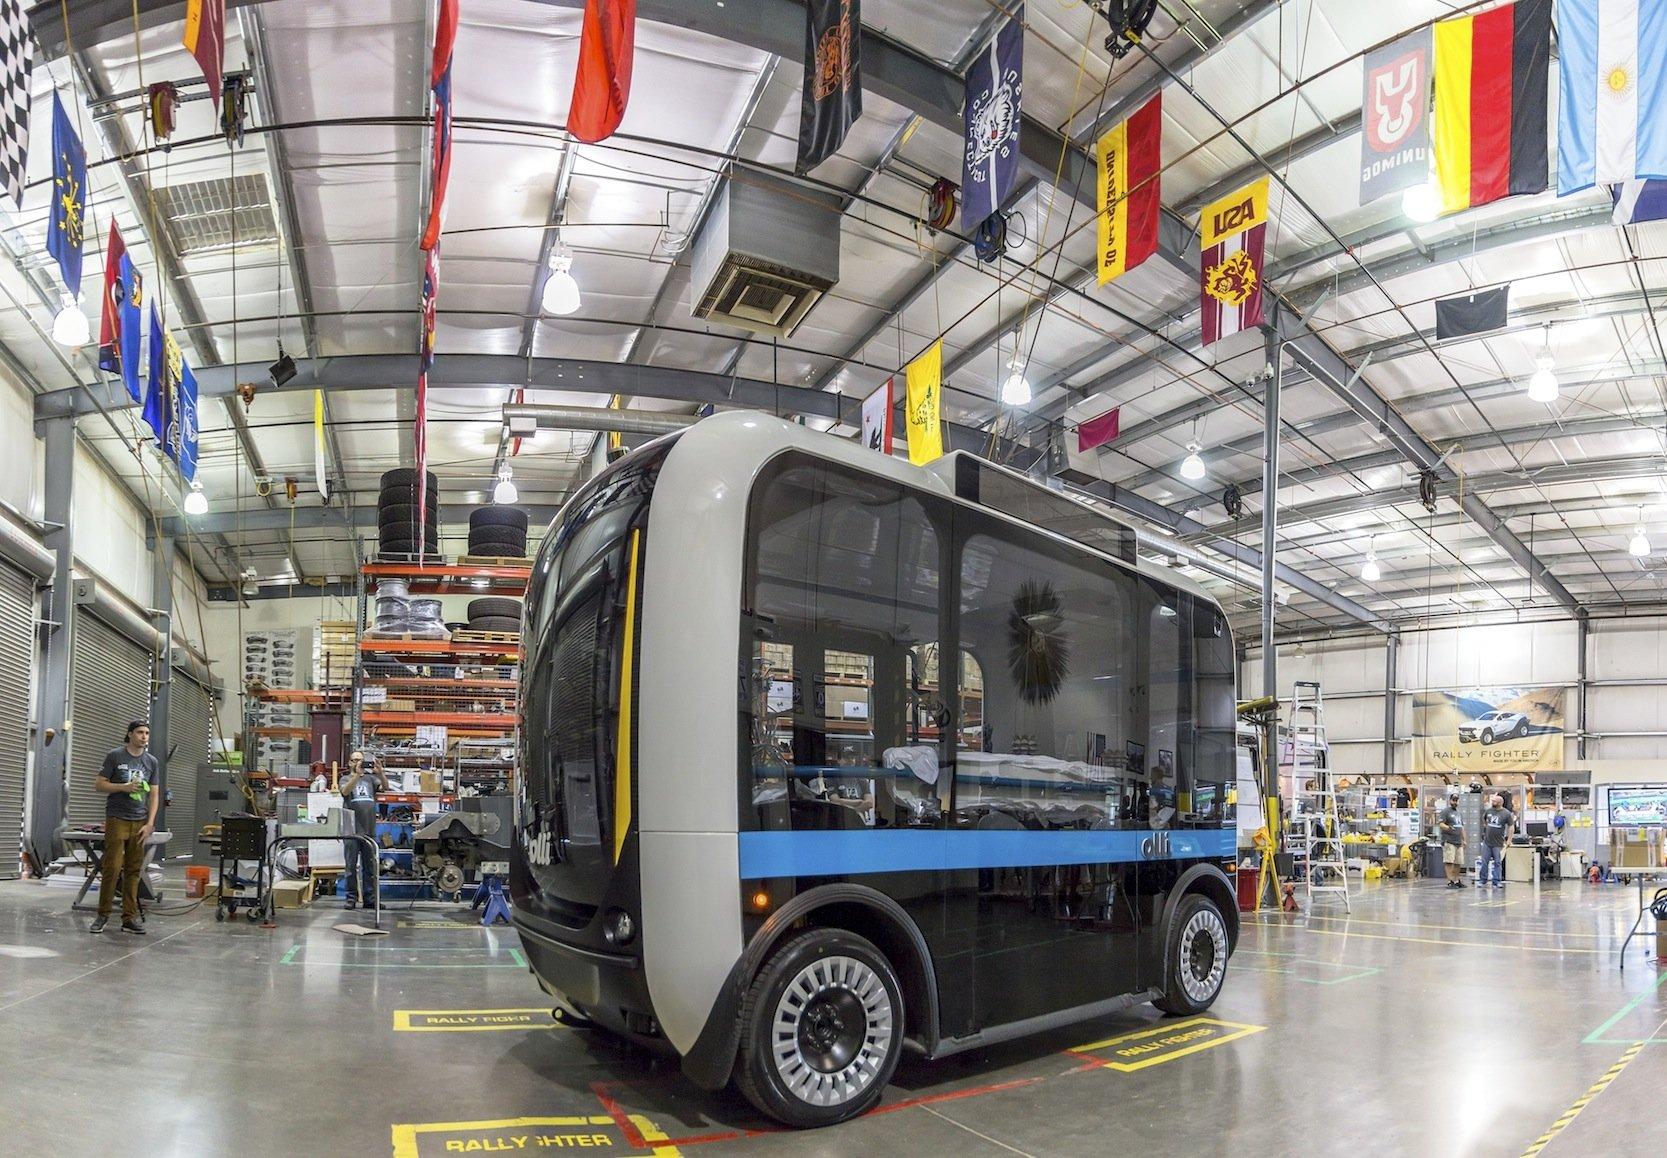 Gefertigt wird der autonom fahrende Kleinbus Olli in Phoenix im Werk des Herstellers Local Motors. Die Karosserie entsteht im 3D-Drucker.